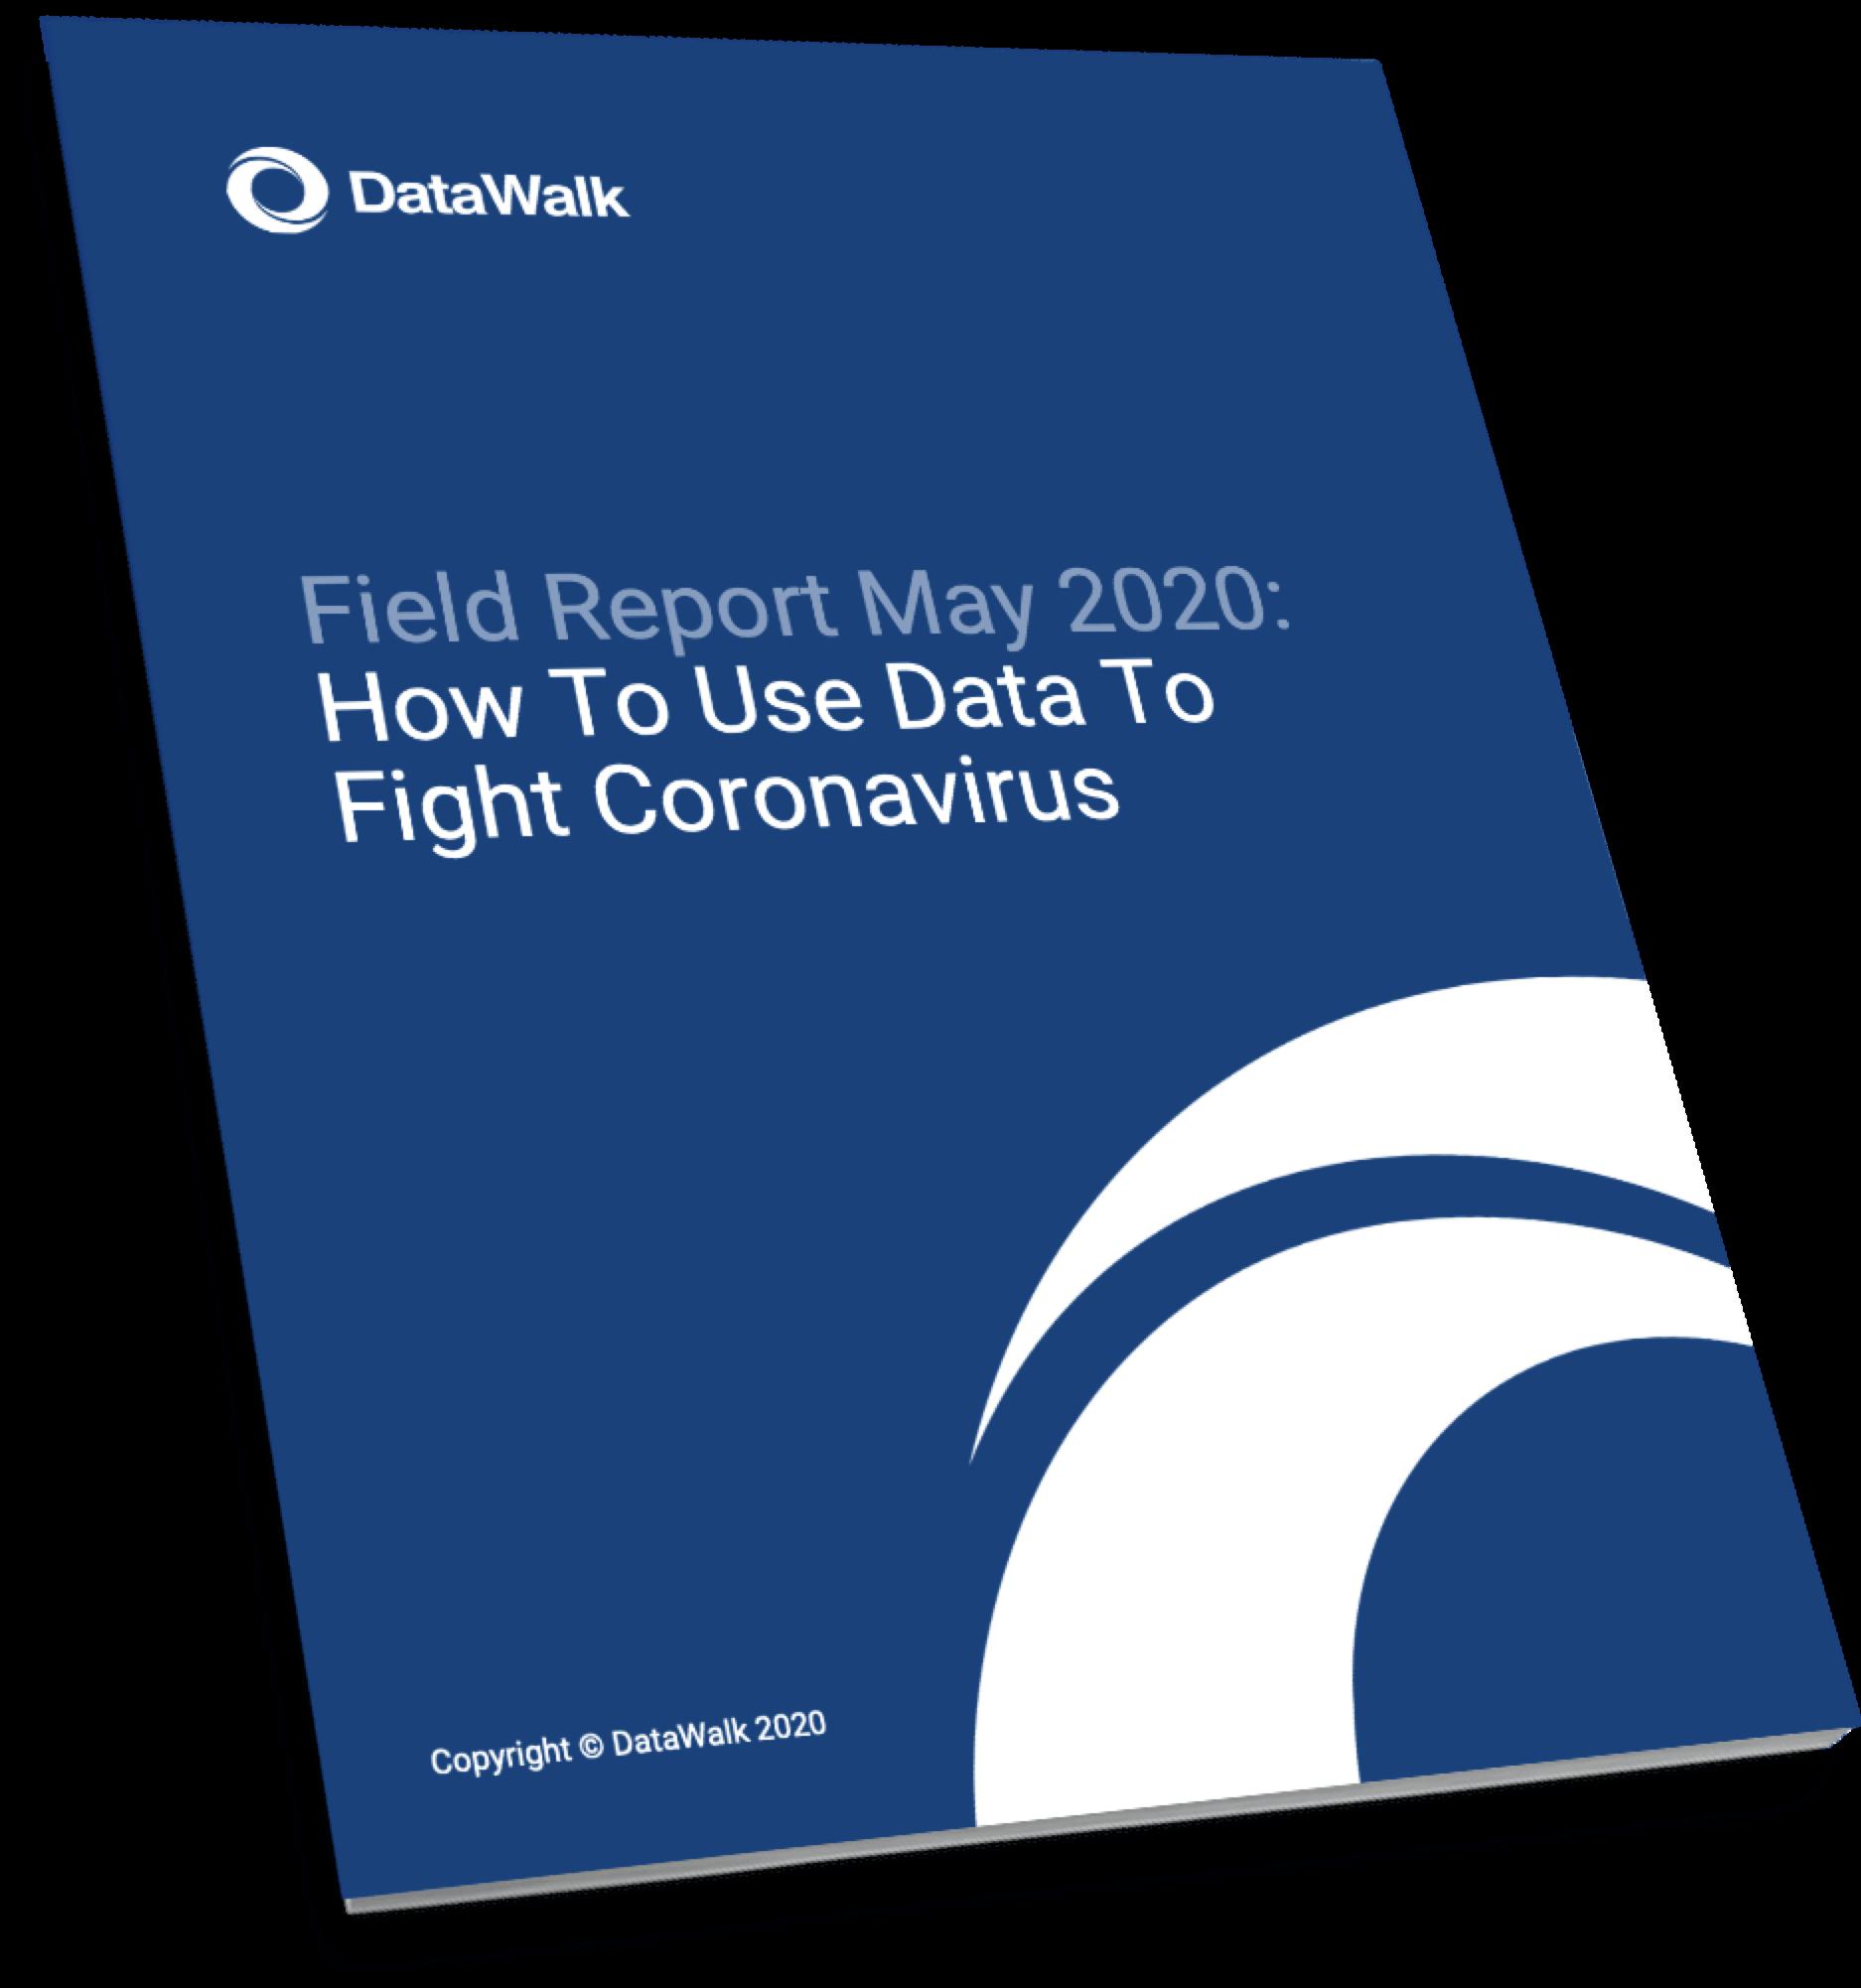 DataWalk - Field Report May 2020- How To Use Data To Fight Coronavirus